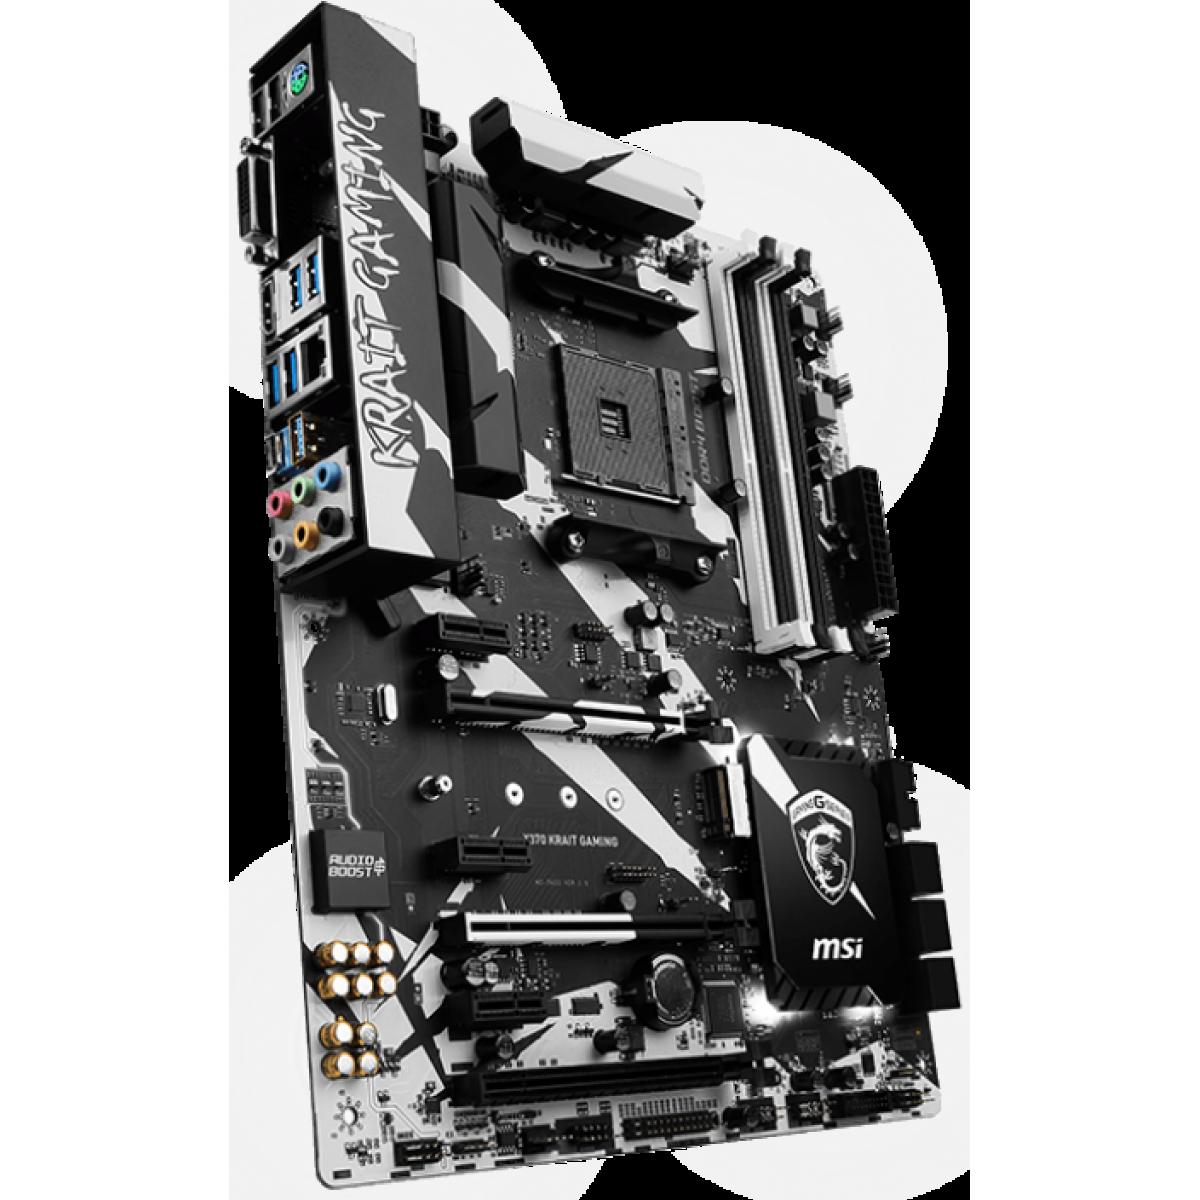 Placa Mãe MSI X370 Krait Gaming, Chipset X370, AMD AM4, ATX, DDR4